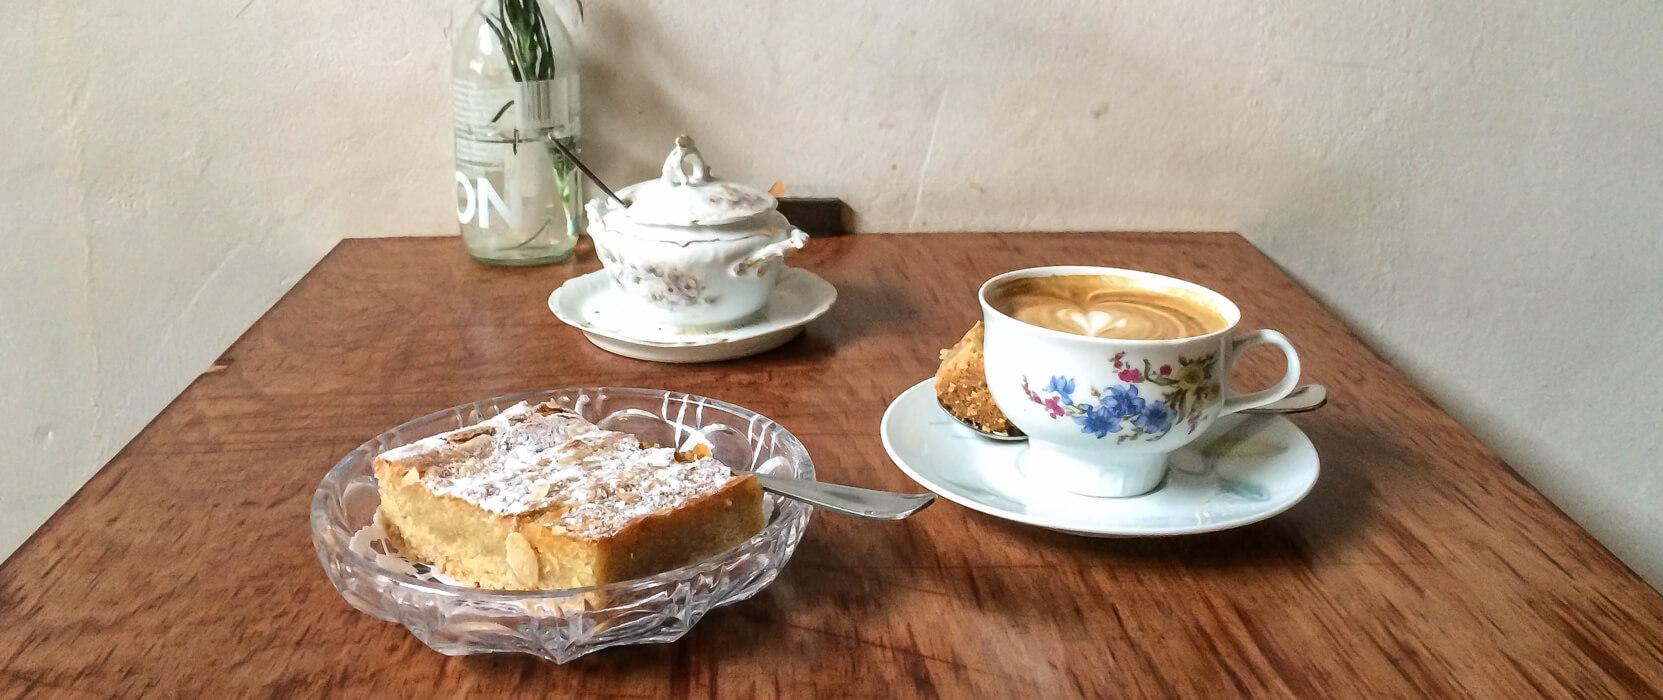 Kaffee und Kuchen, Leuchte Kaffeebar